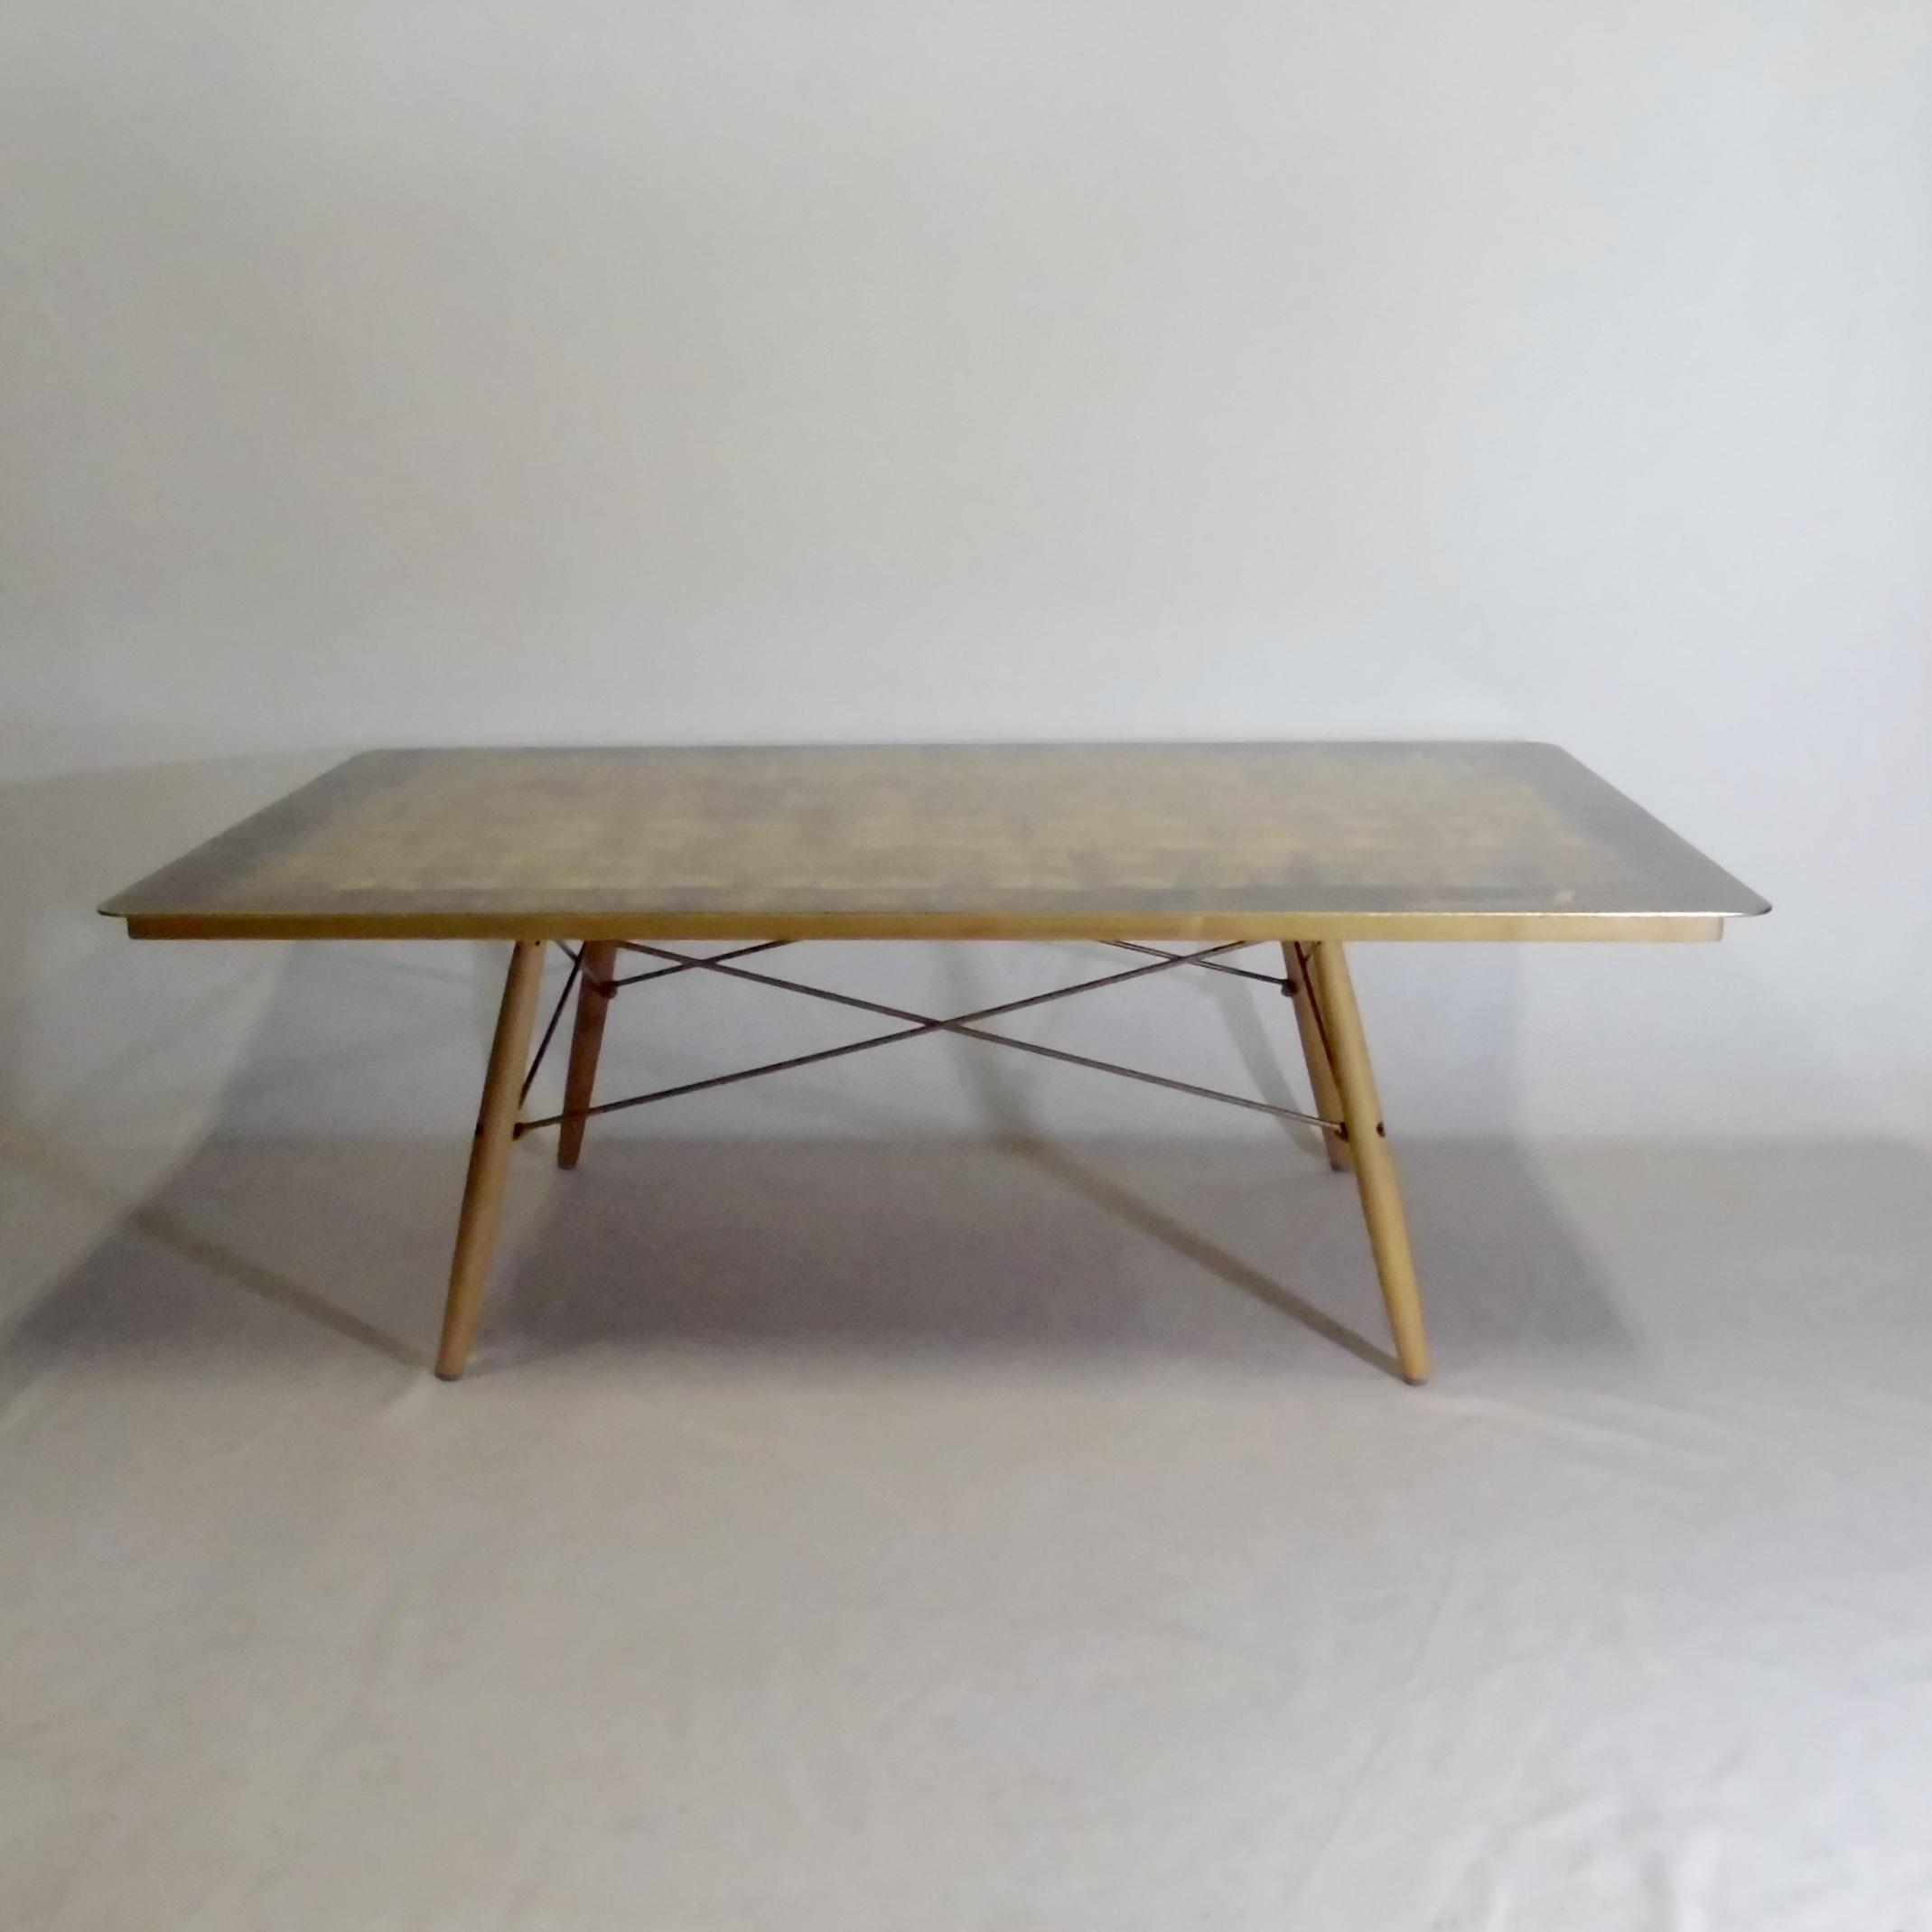 イームズアニバーサリーテーブル